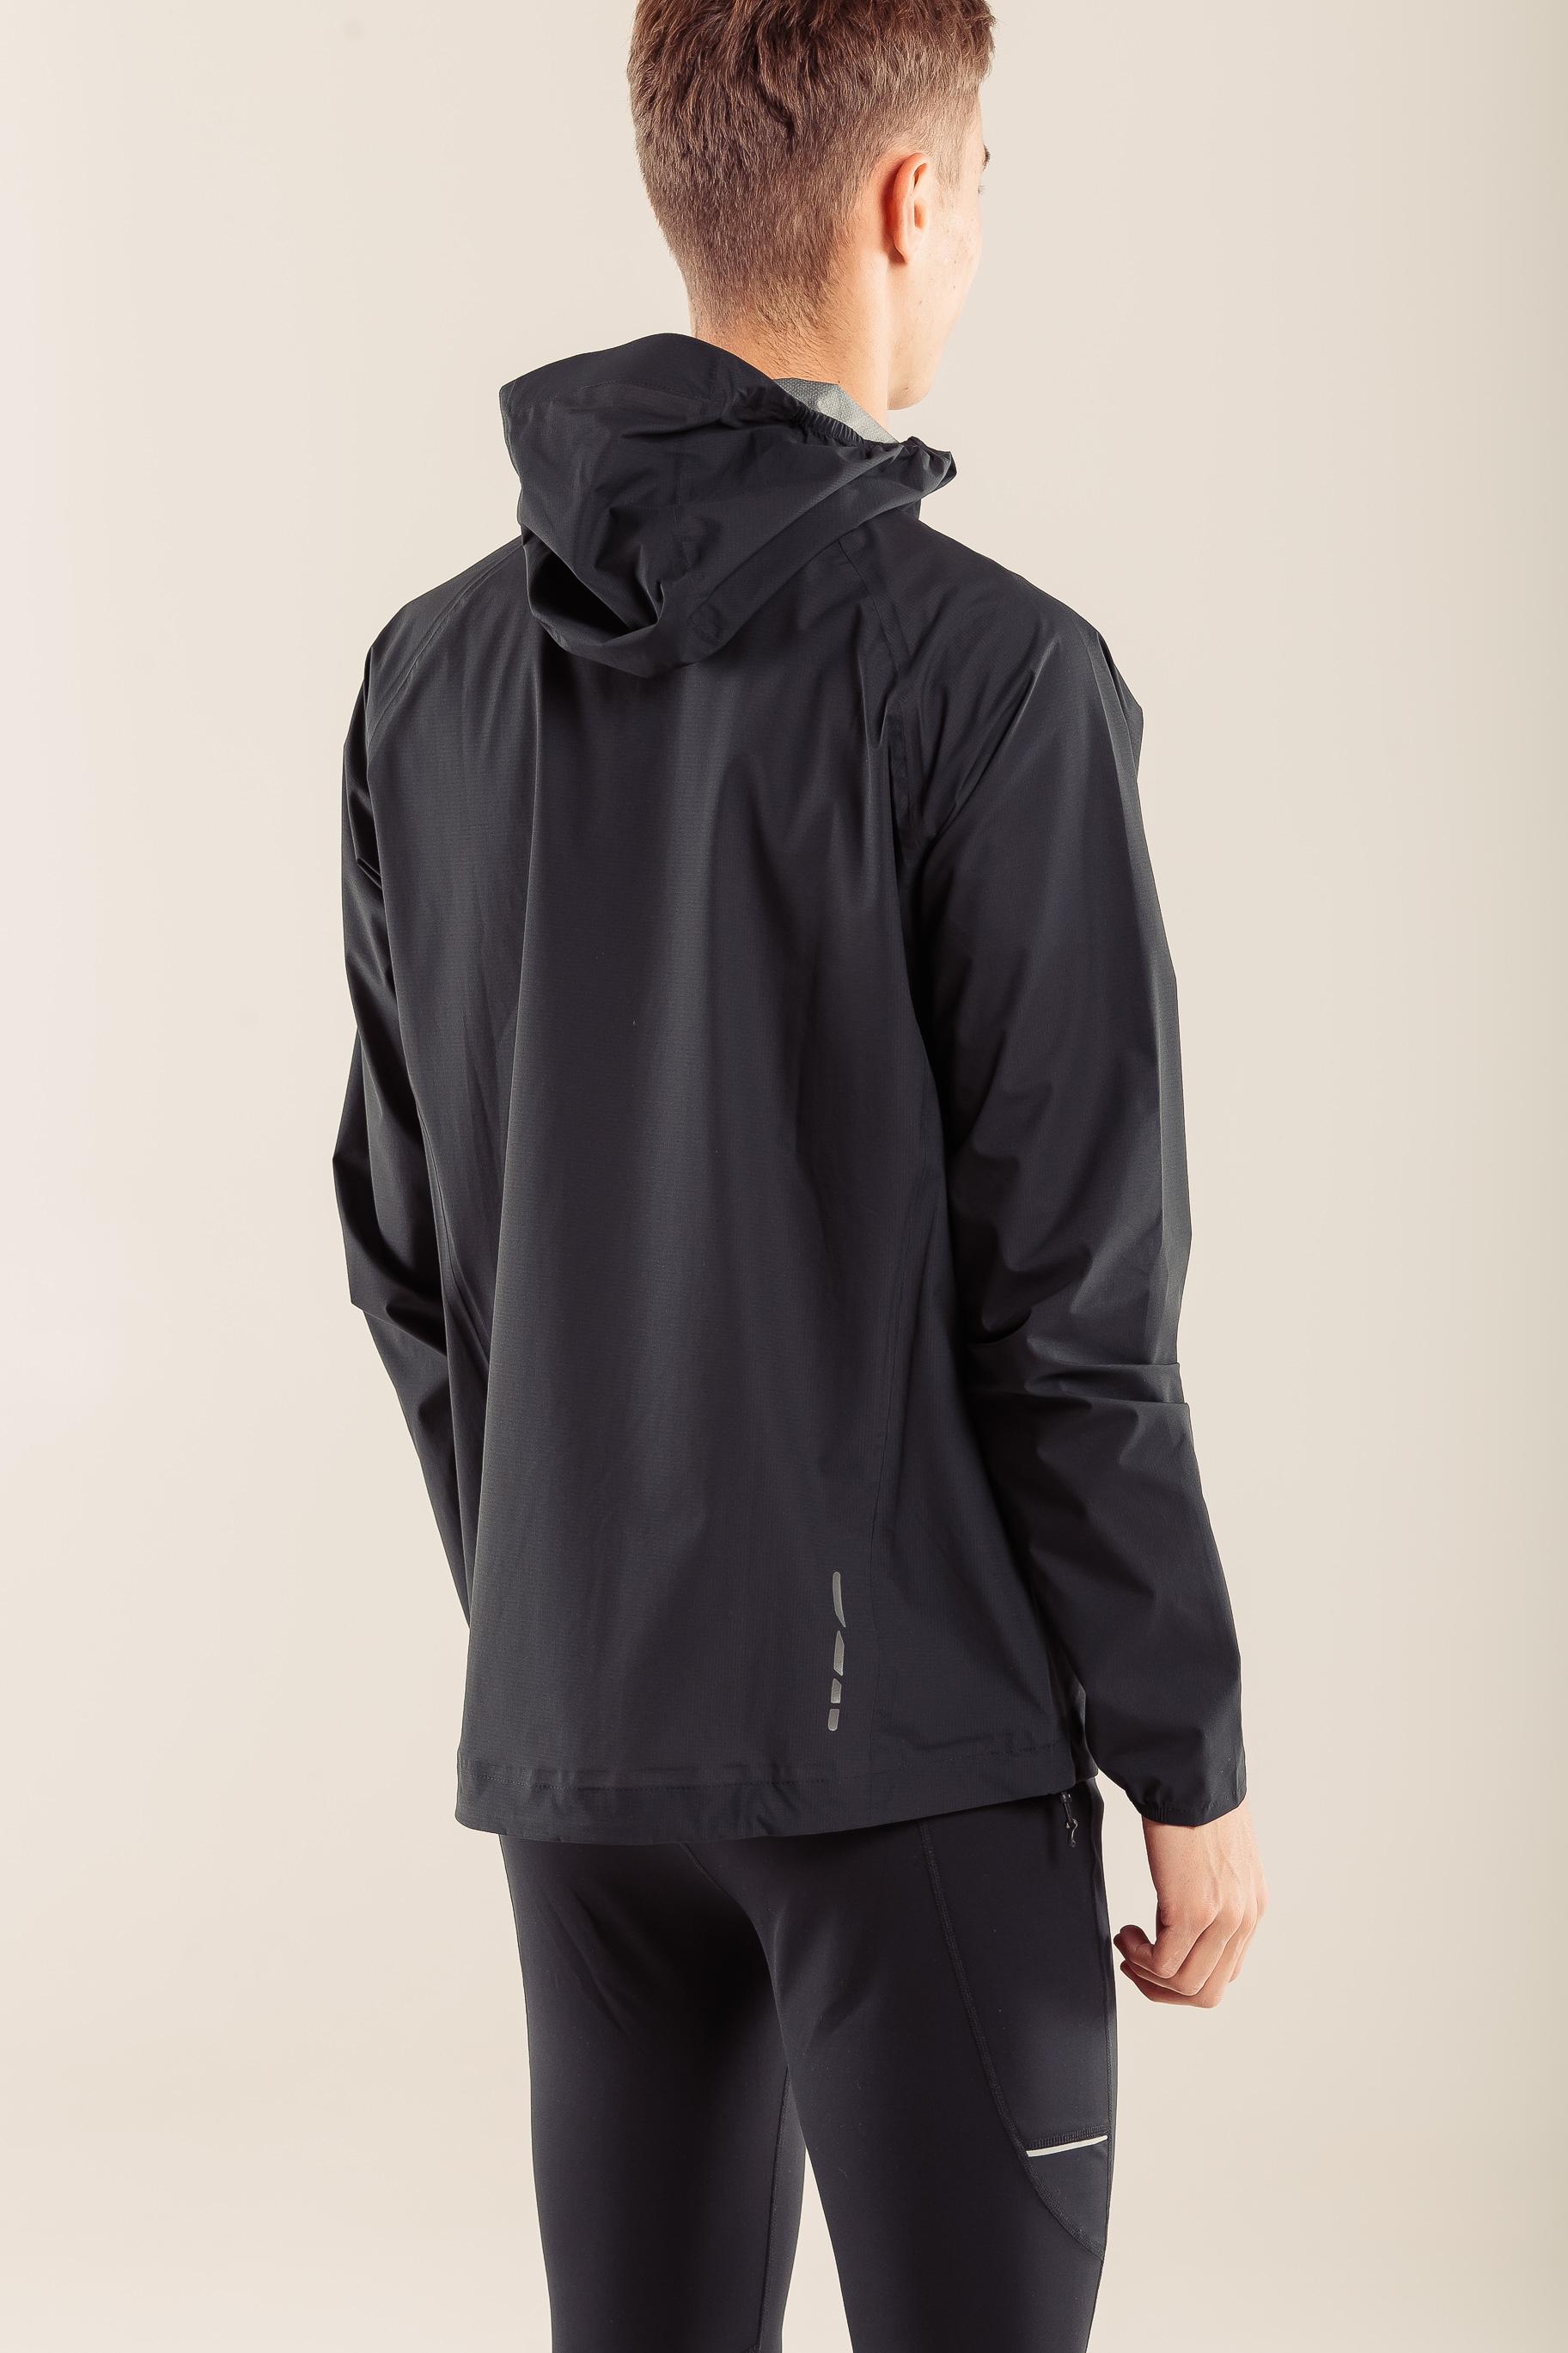 Куртка ASICS Sport (3788) photo 0